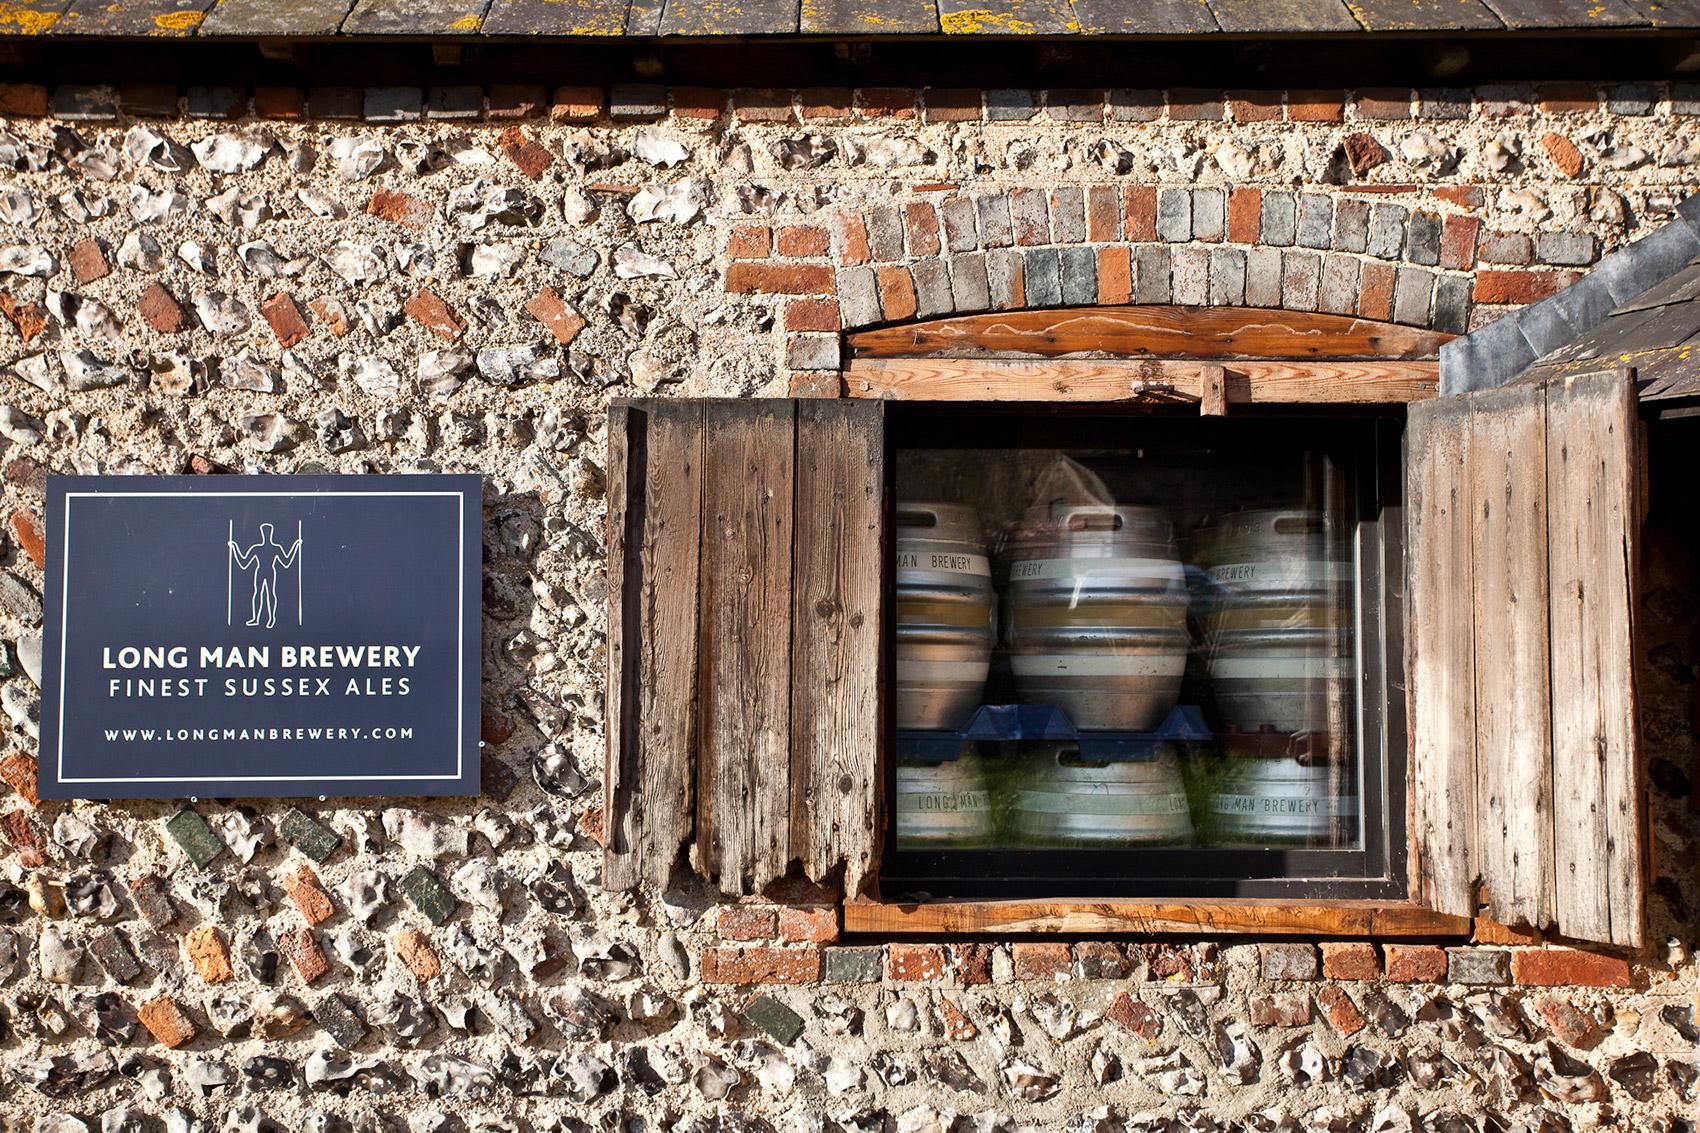 Casks through window - Long Man Brewery